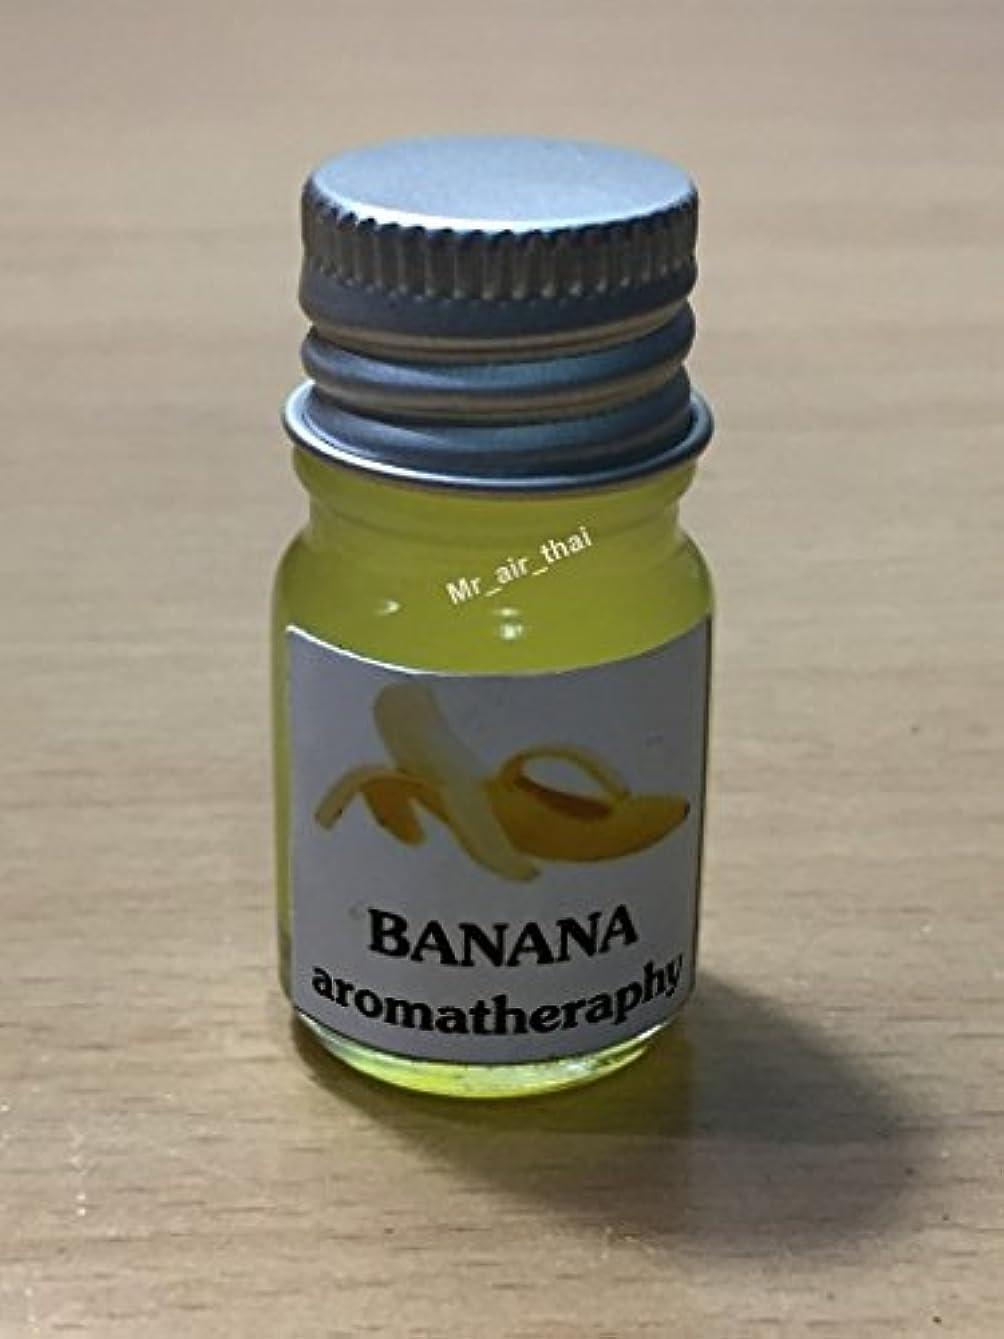 スナック重要なセイはさておき5ミリリットルアロマバナナフランクインセンスエッセンシャルオイルボトルアロマテラピーオイル自然自然5ml Aroma Banana Frankincense Essential Oil Bottles Aromatherapy...